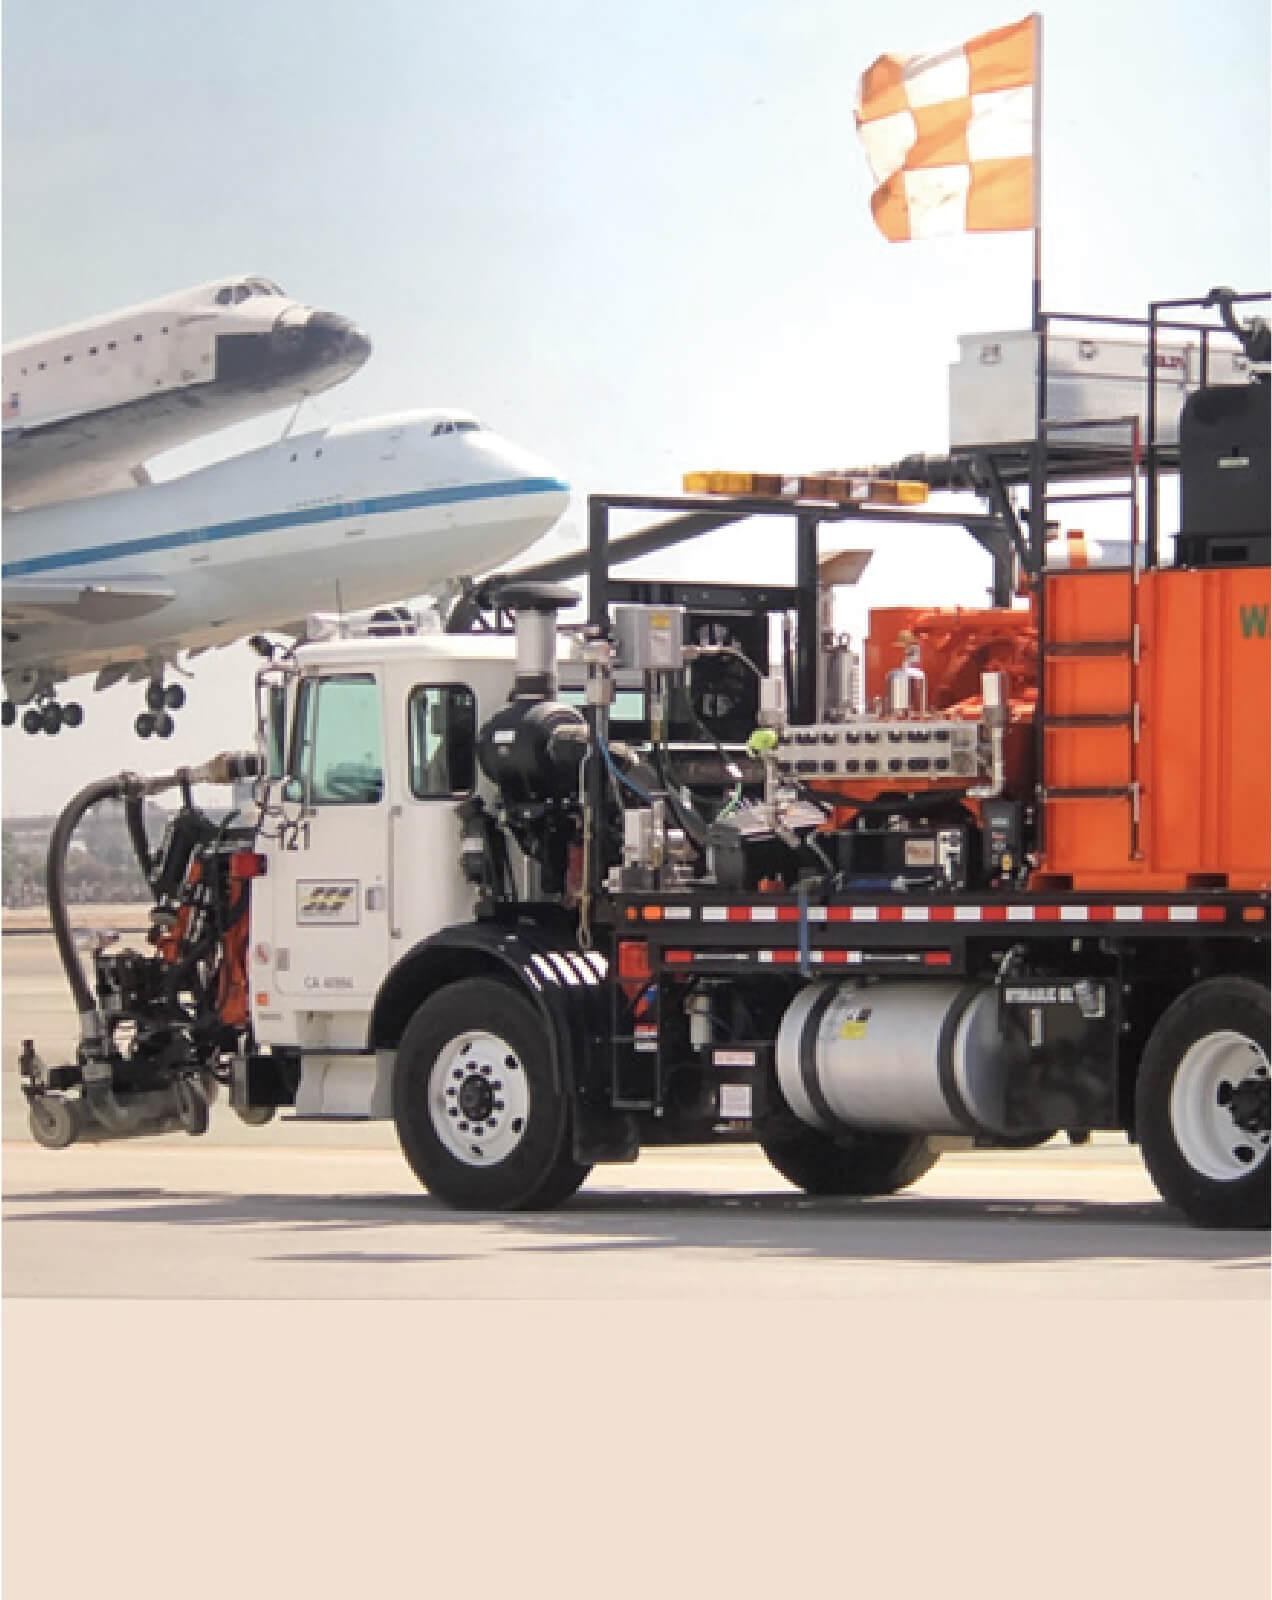 Servicio Eselca en industria aeroportuaria